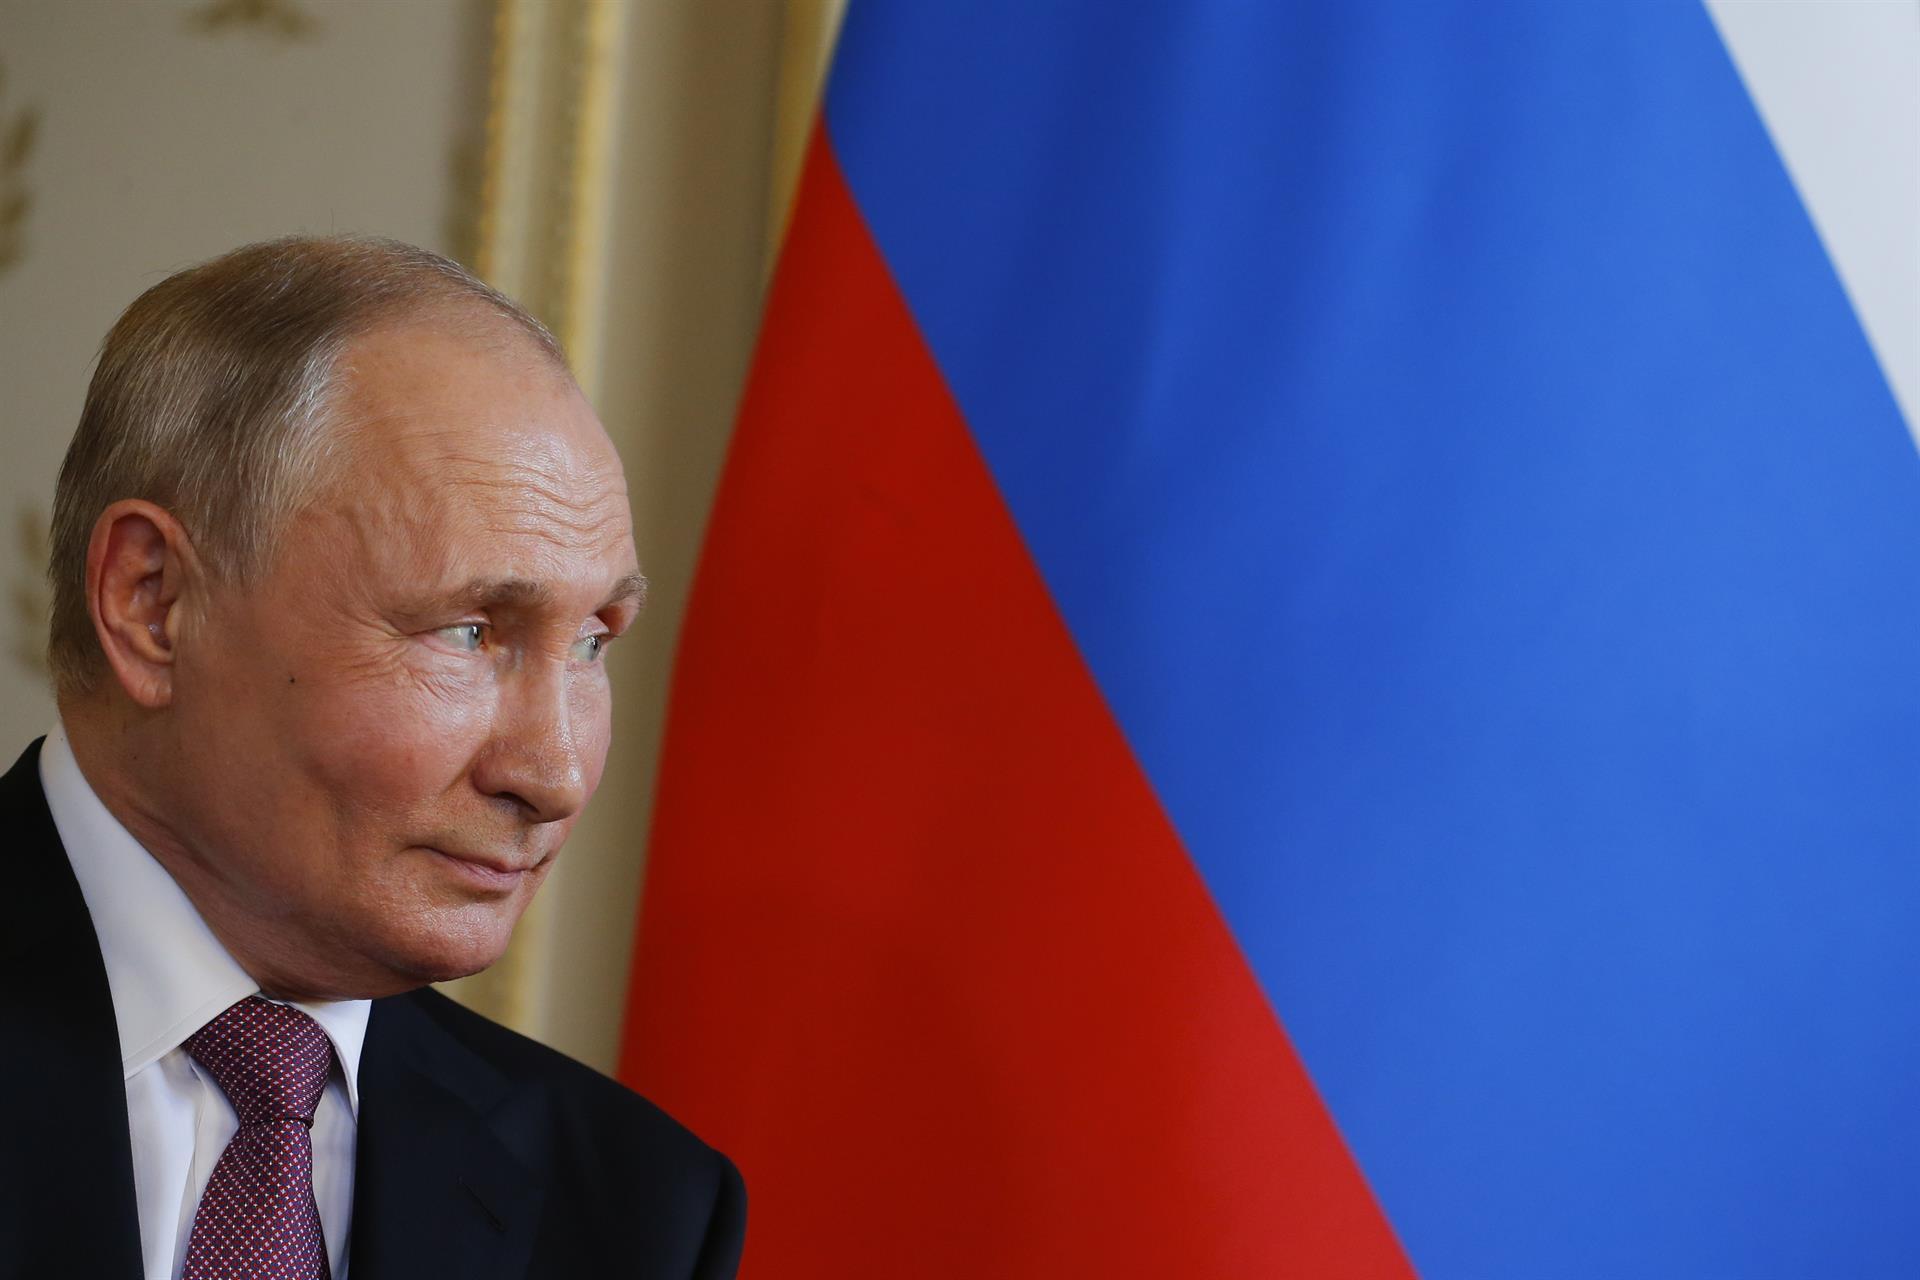 Vladimir Putin de perfil em frente a bandeira da Rússia